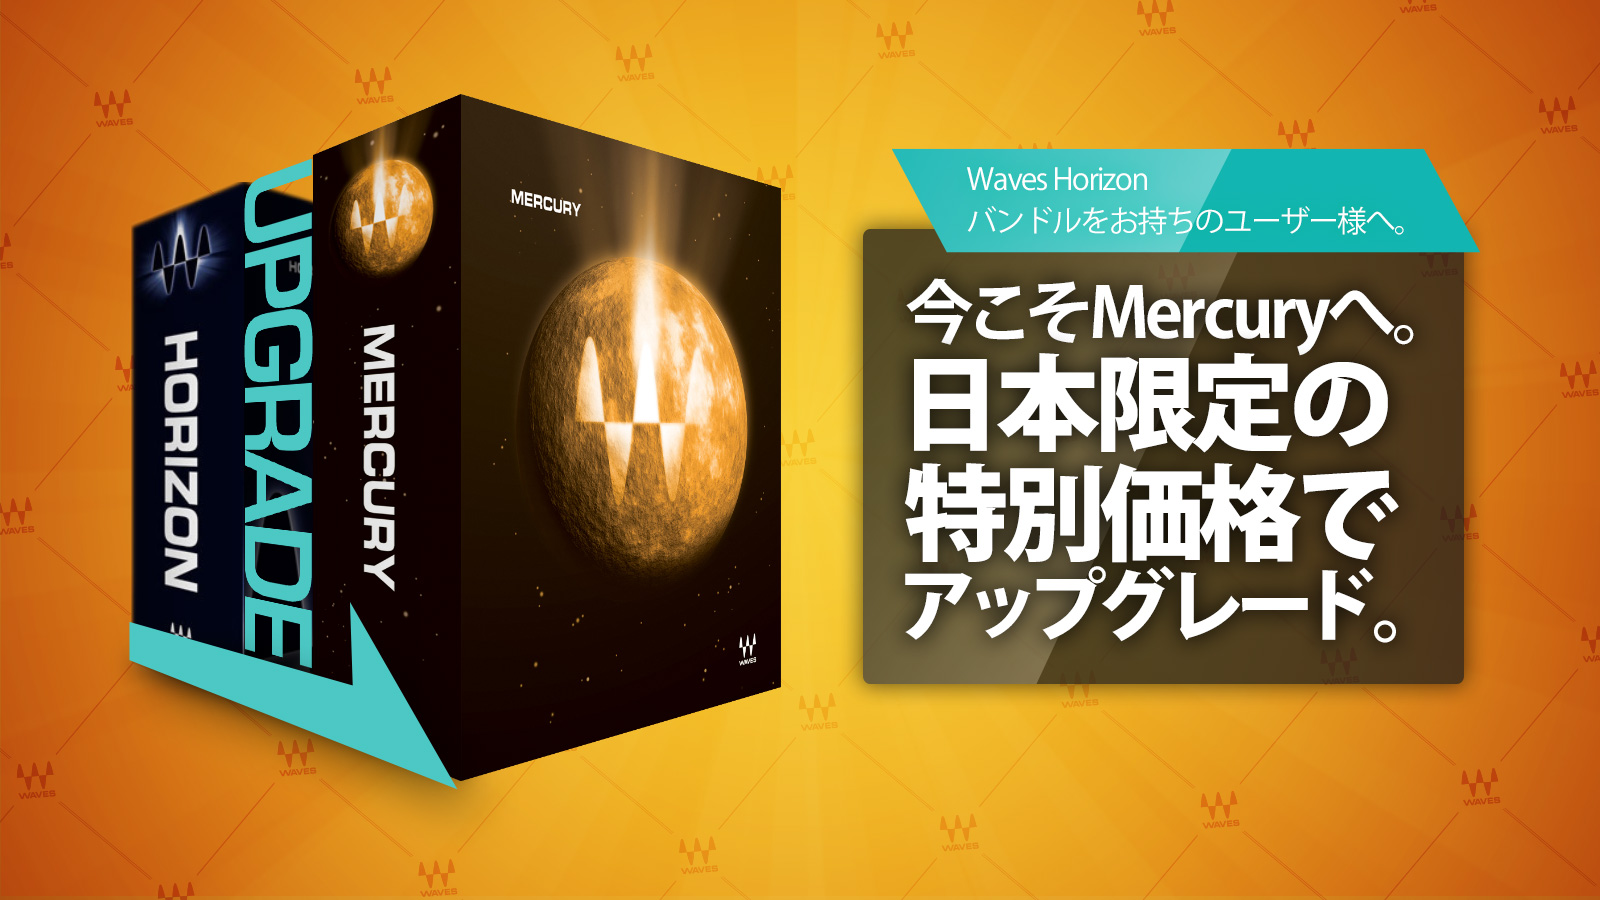 今こそWaves HorizonからMercuryへ。日本限定の特別価格でアップグレード